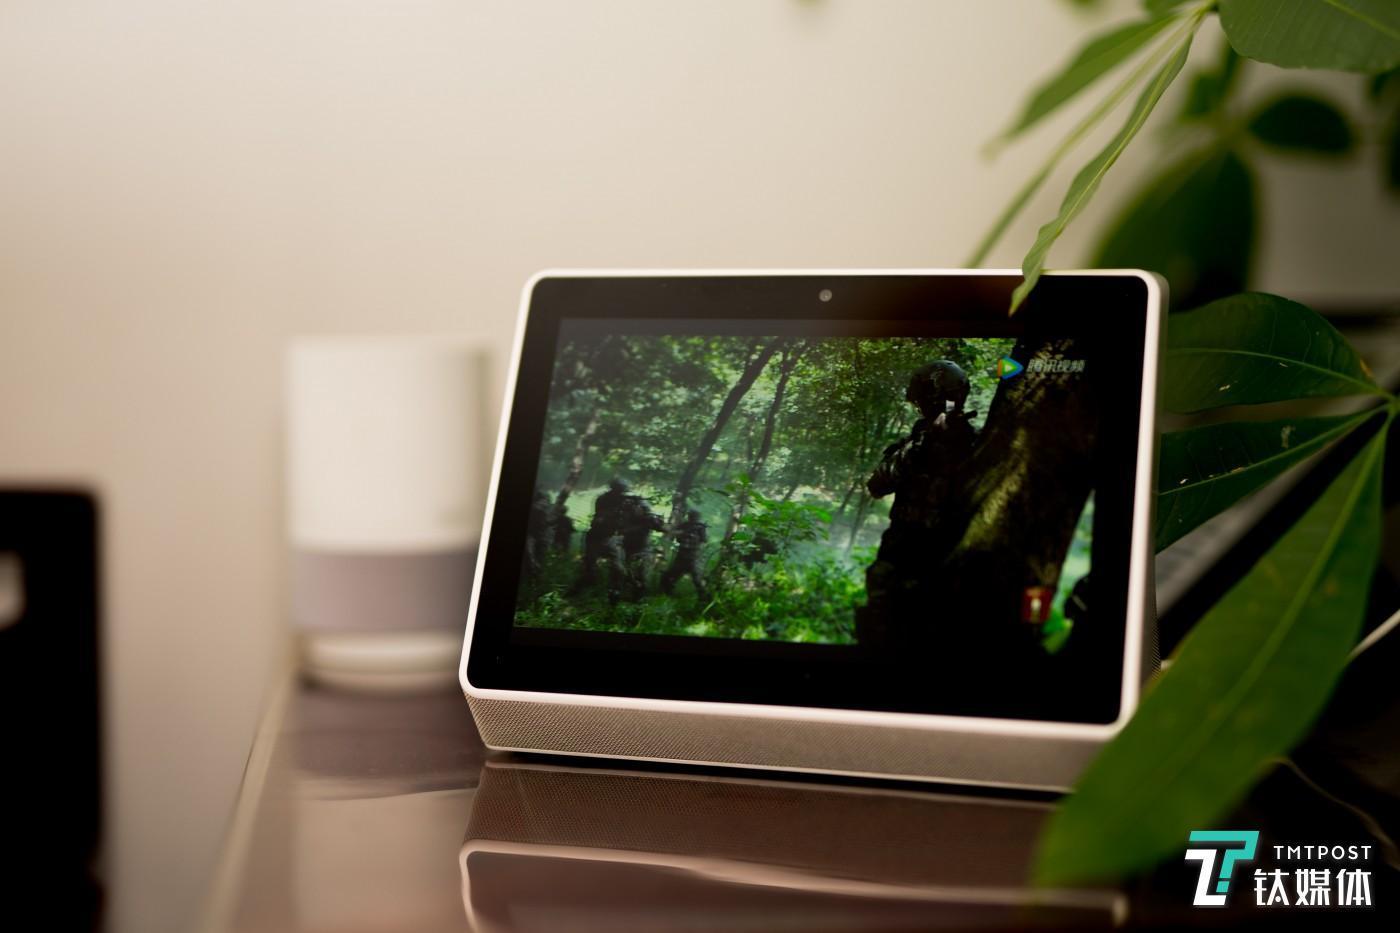 尺寸其实没比智能音箱大多少,放在桌面上比较和谐